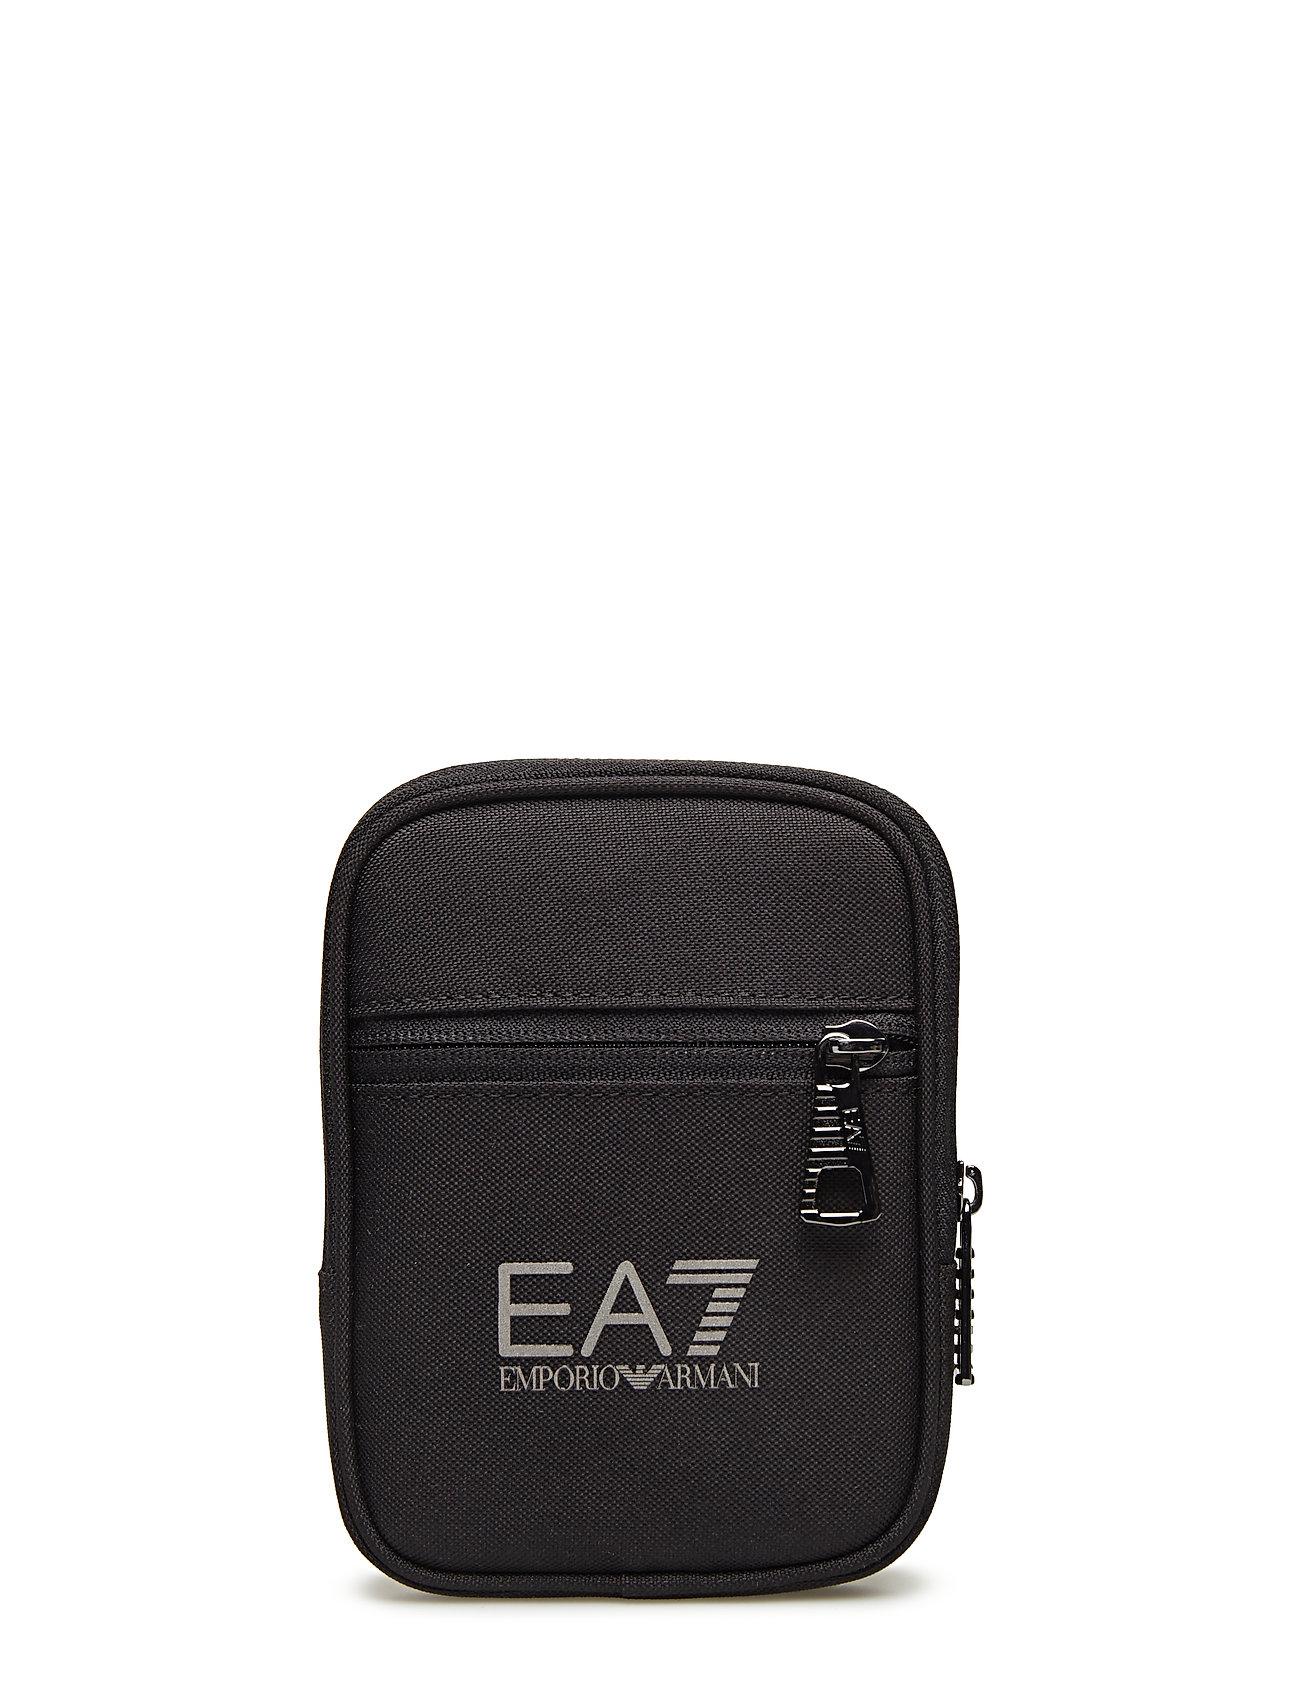 EA7 MINI POUCH BAG - NERO